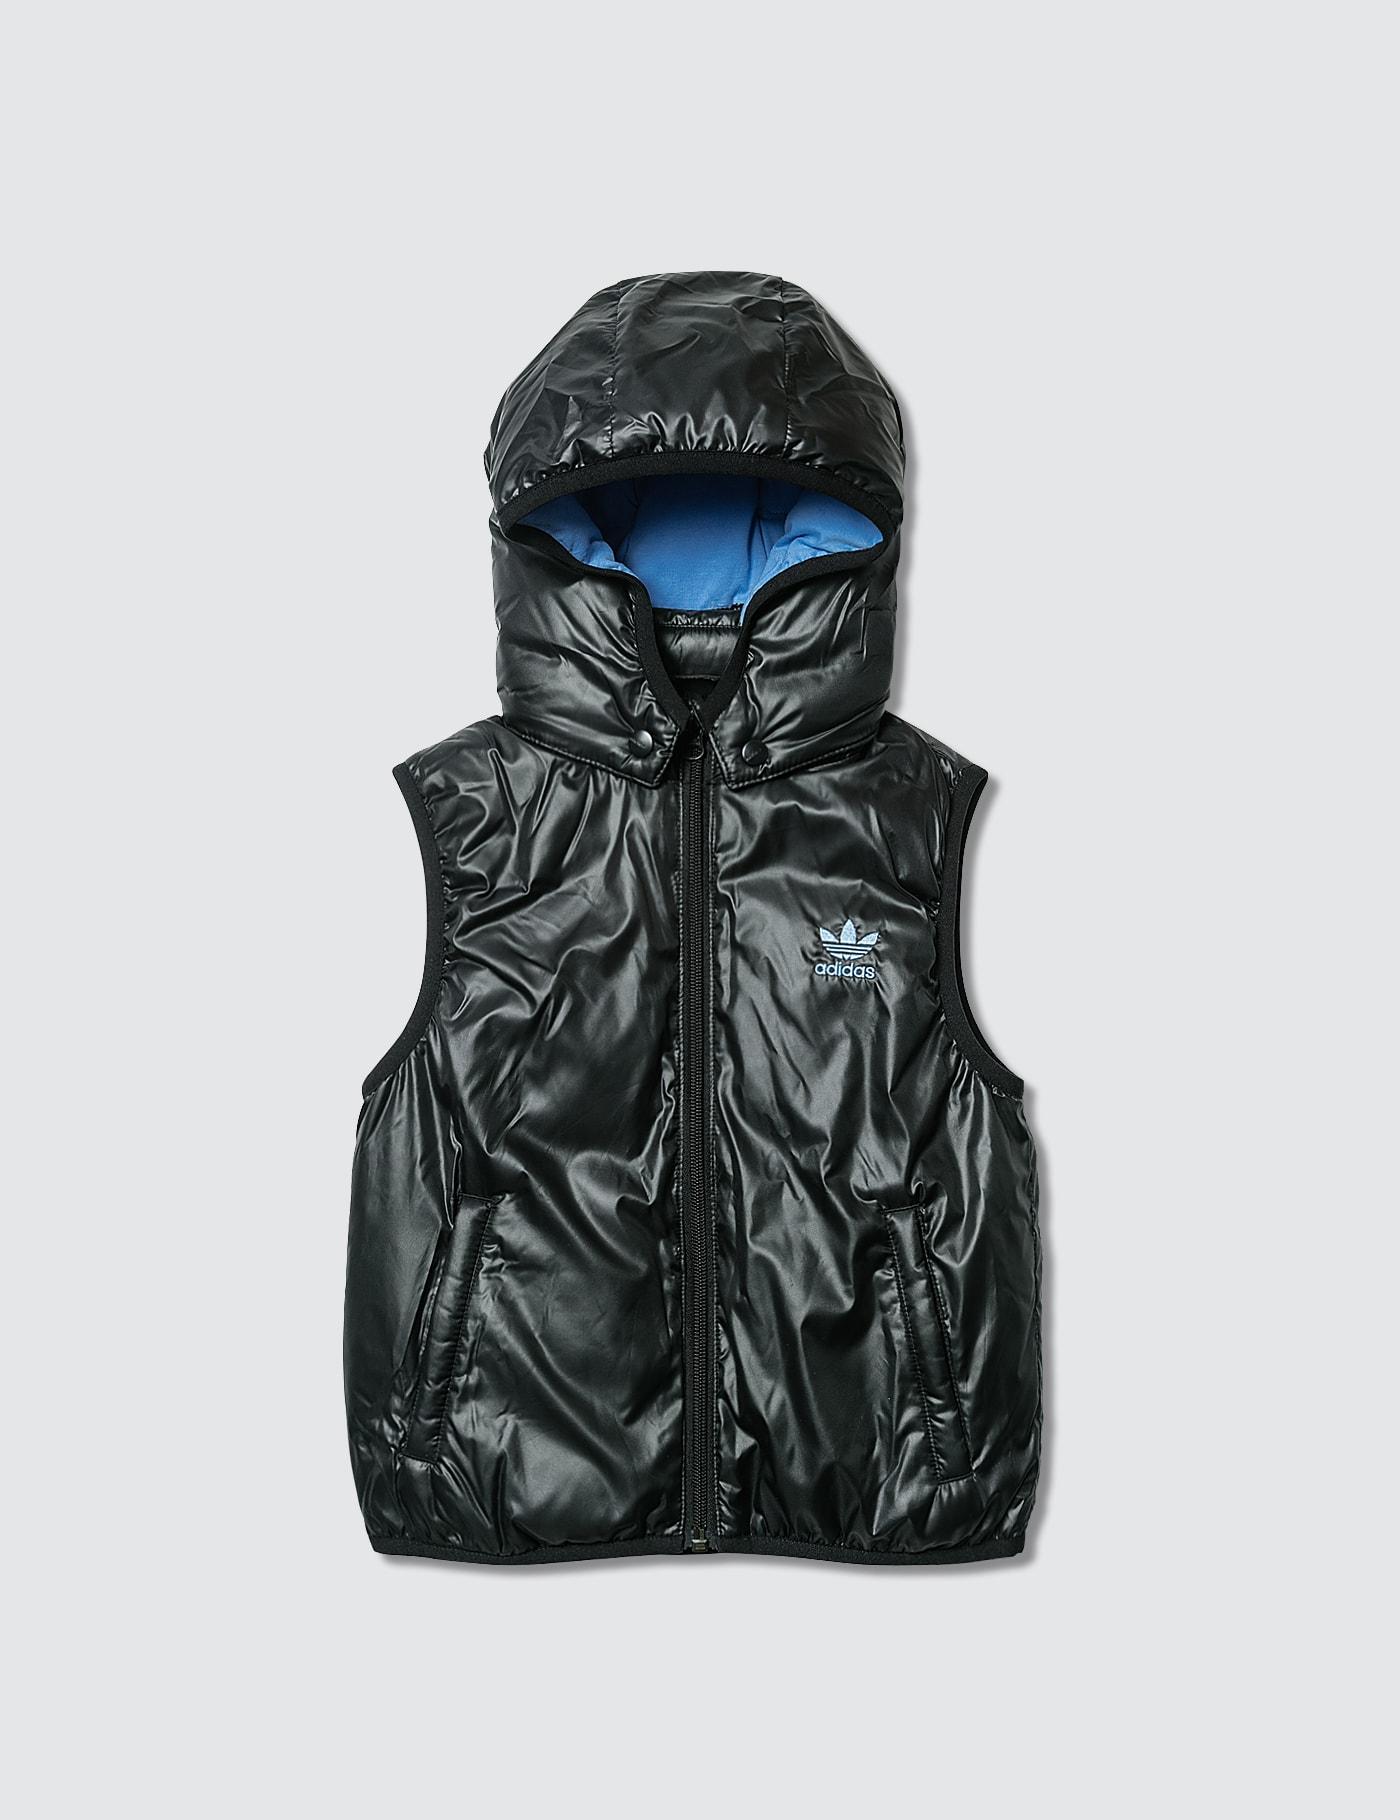 Adidas Originals X Mini Rodini Vest